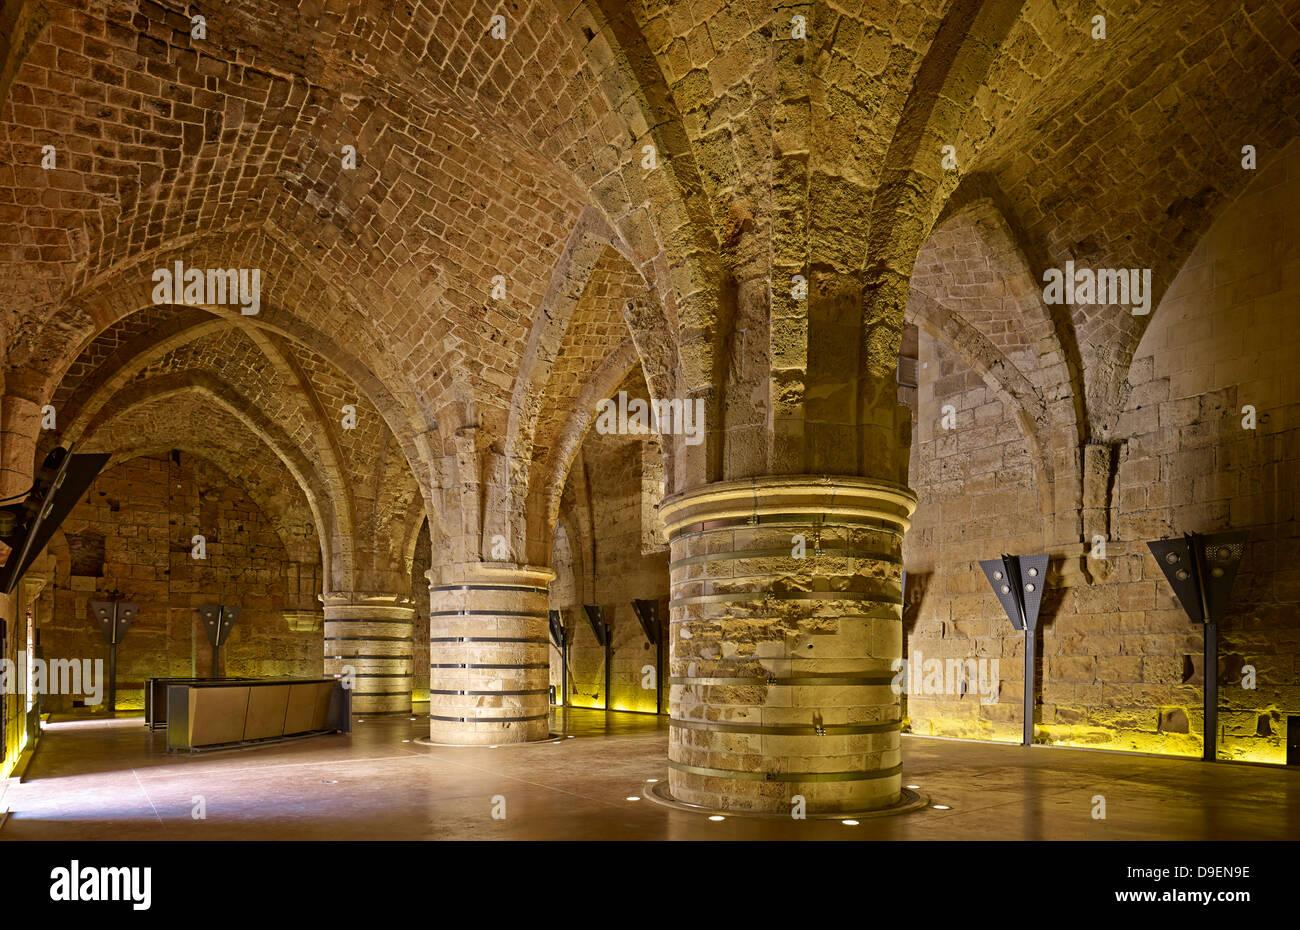 Réfectoire de la Citadelle à Acre, Israël Photo Stock